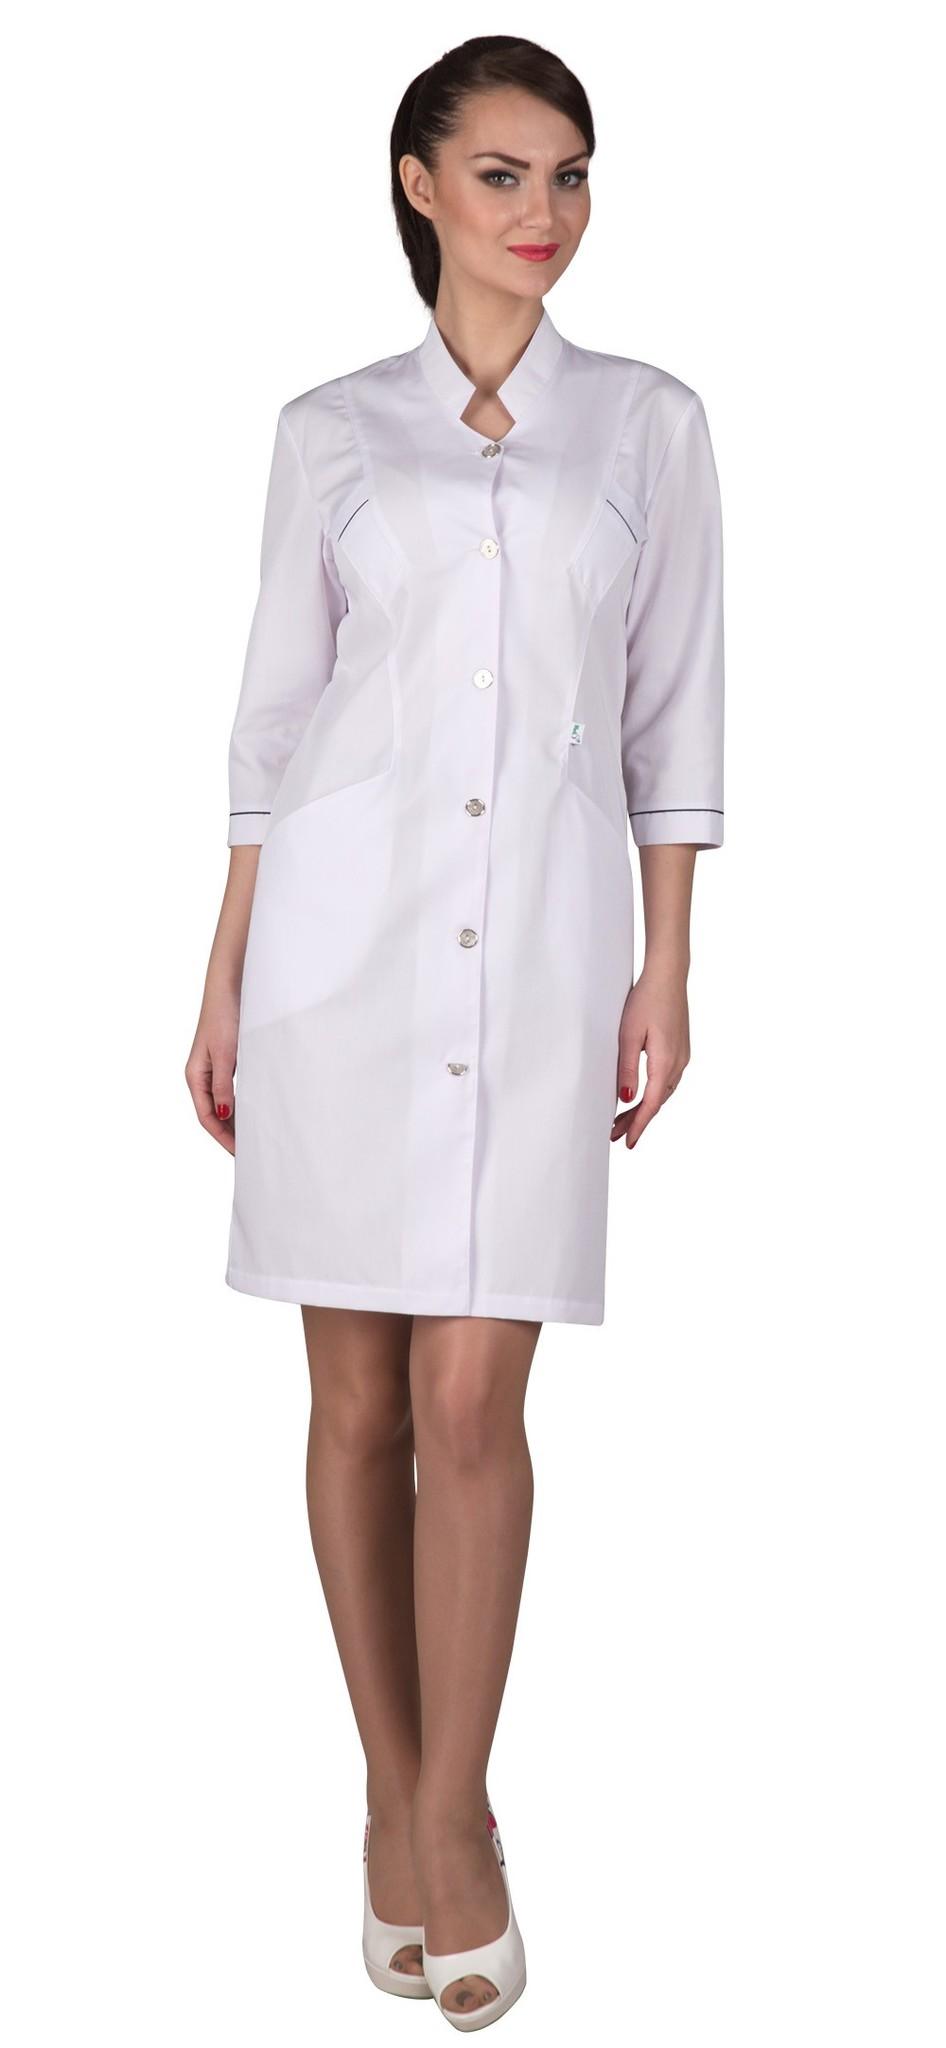 Стильный медицинский женский халат Х-226 сатори белого цвета